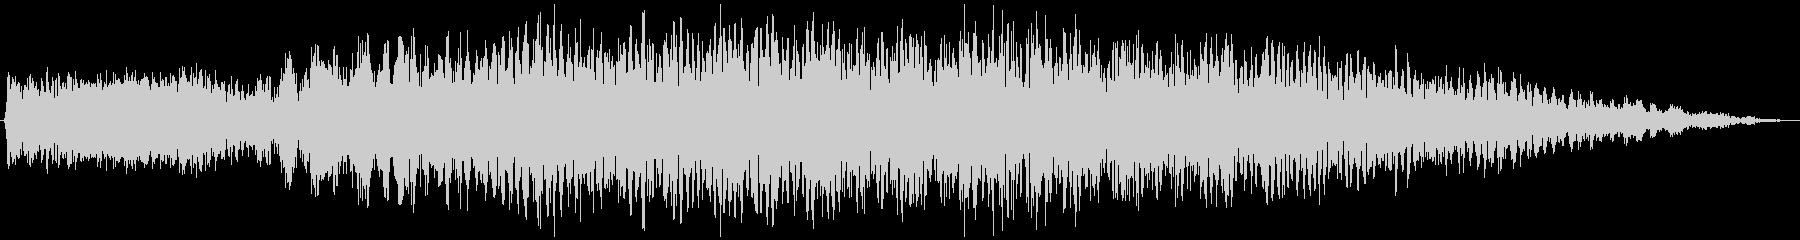 電子レンジ 温める音の未再生の波形